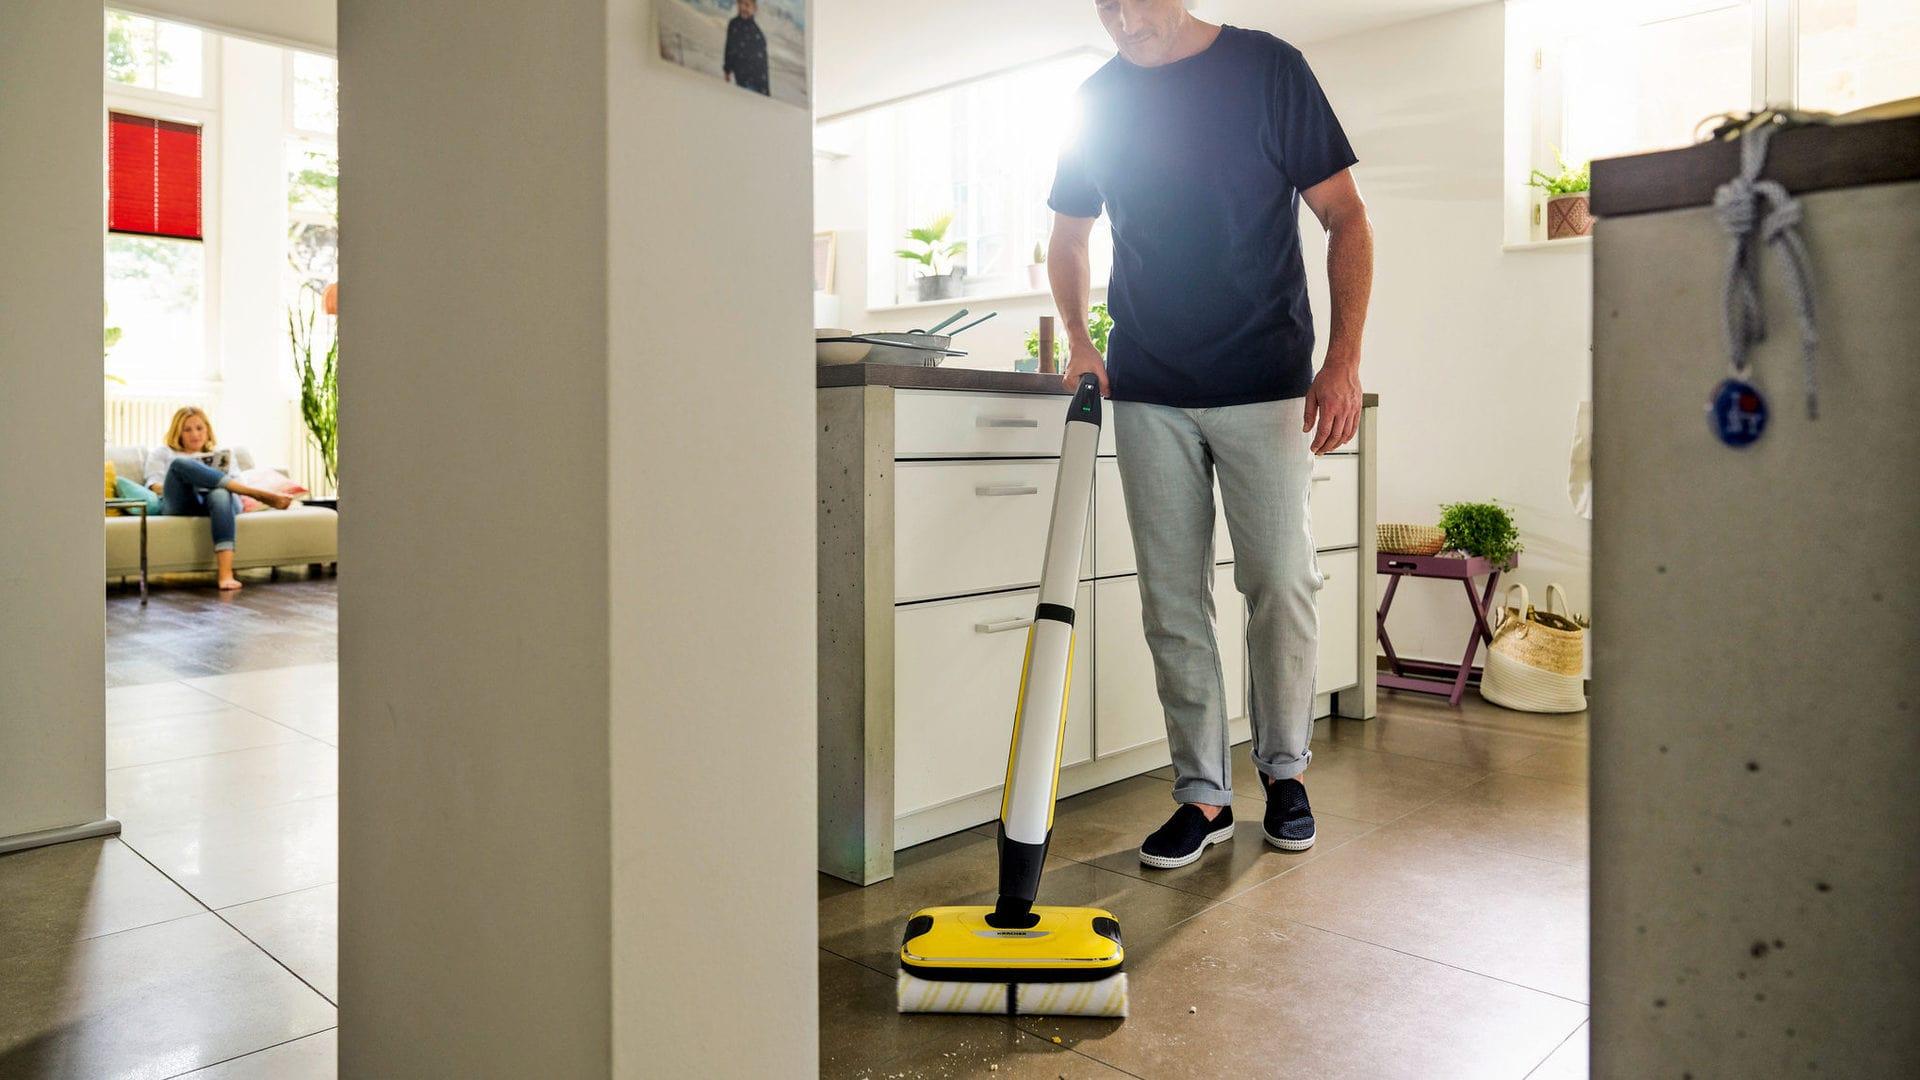 Vloerreiniger in gebruik in keuken